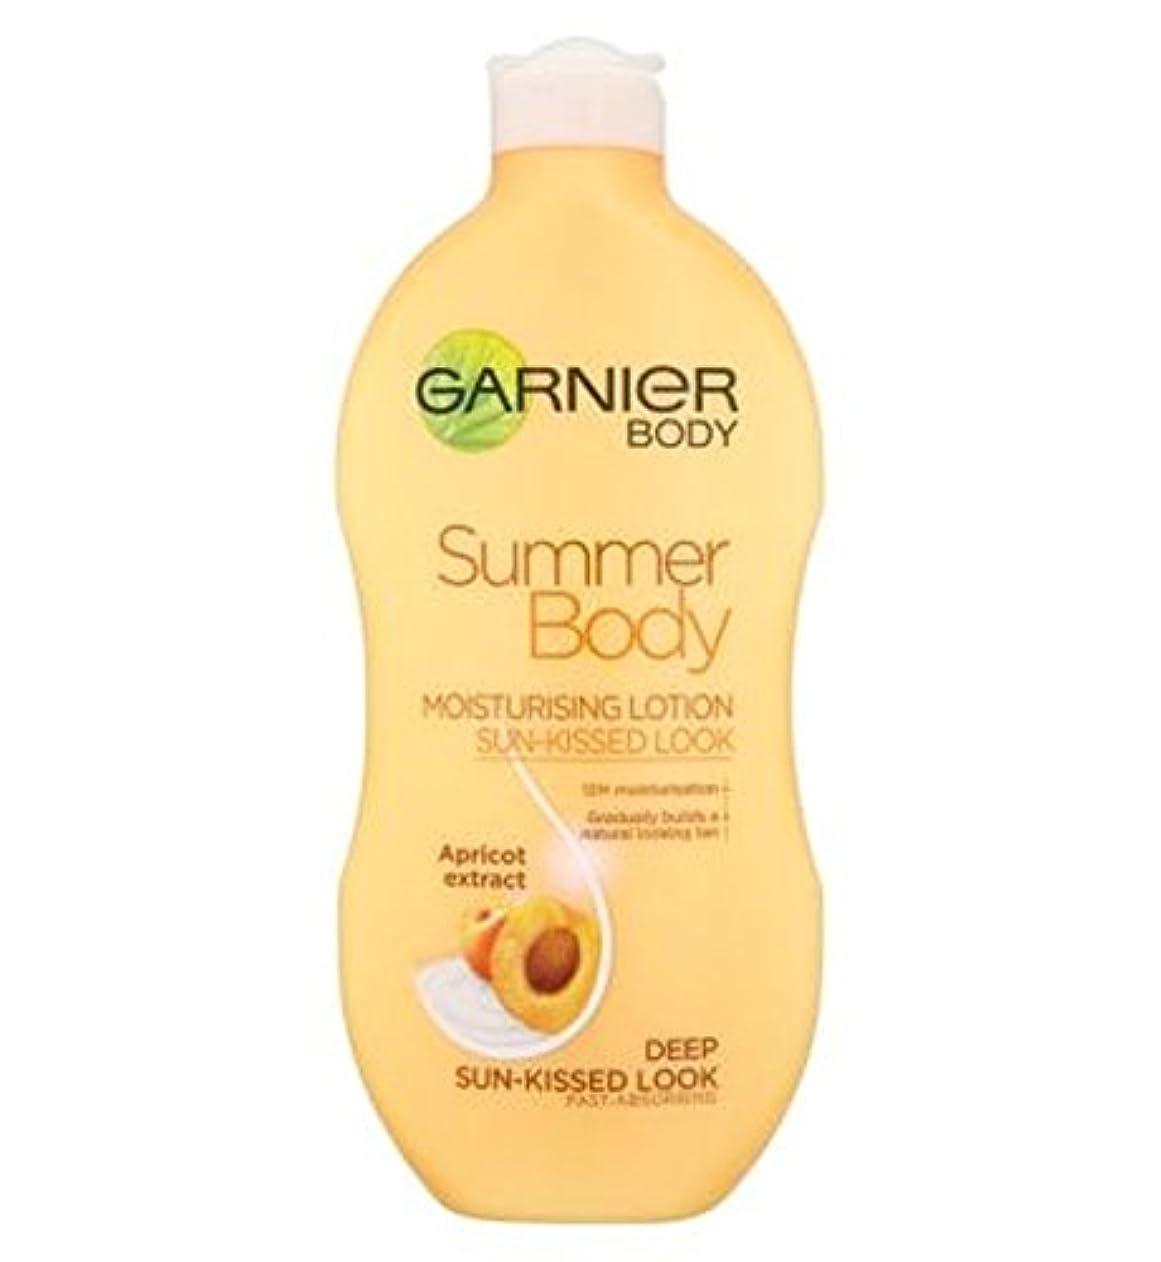 お手伝いさんすき第三Garnier Summer Body Lotion Deep Sun-Kissed 400ml - ガルニエの夏のボディローション深い日、キスをした400ミリリットル (Garnier) [並行輸入品]